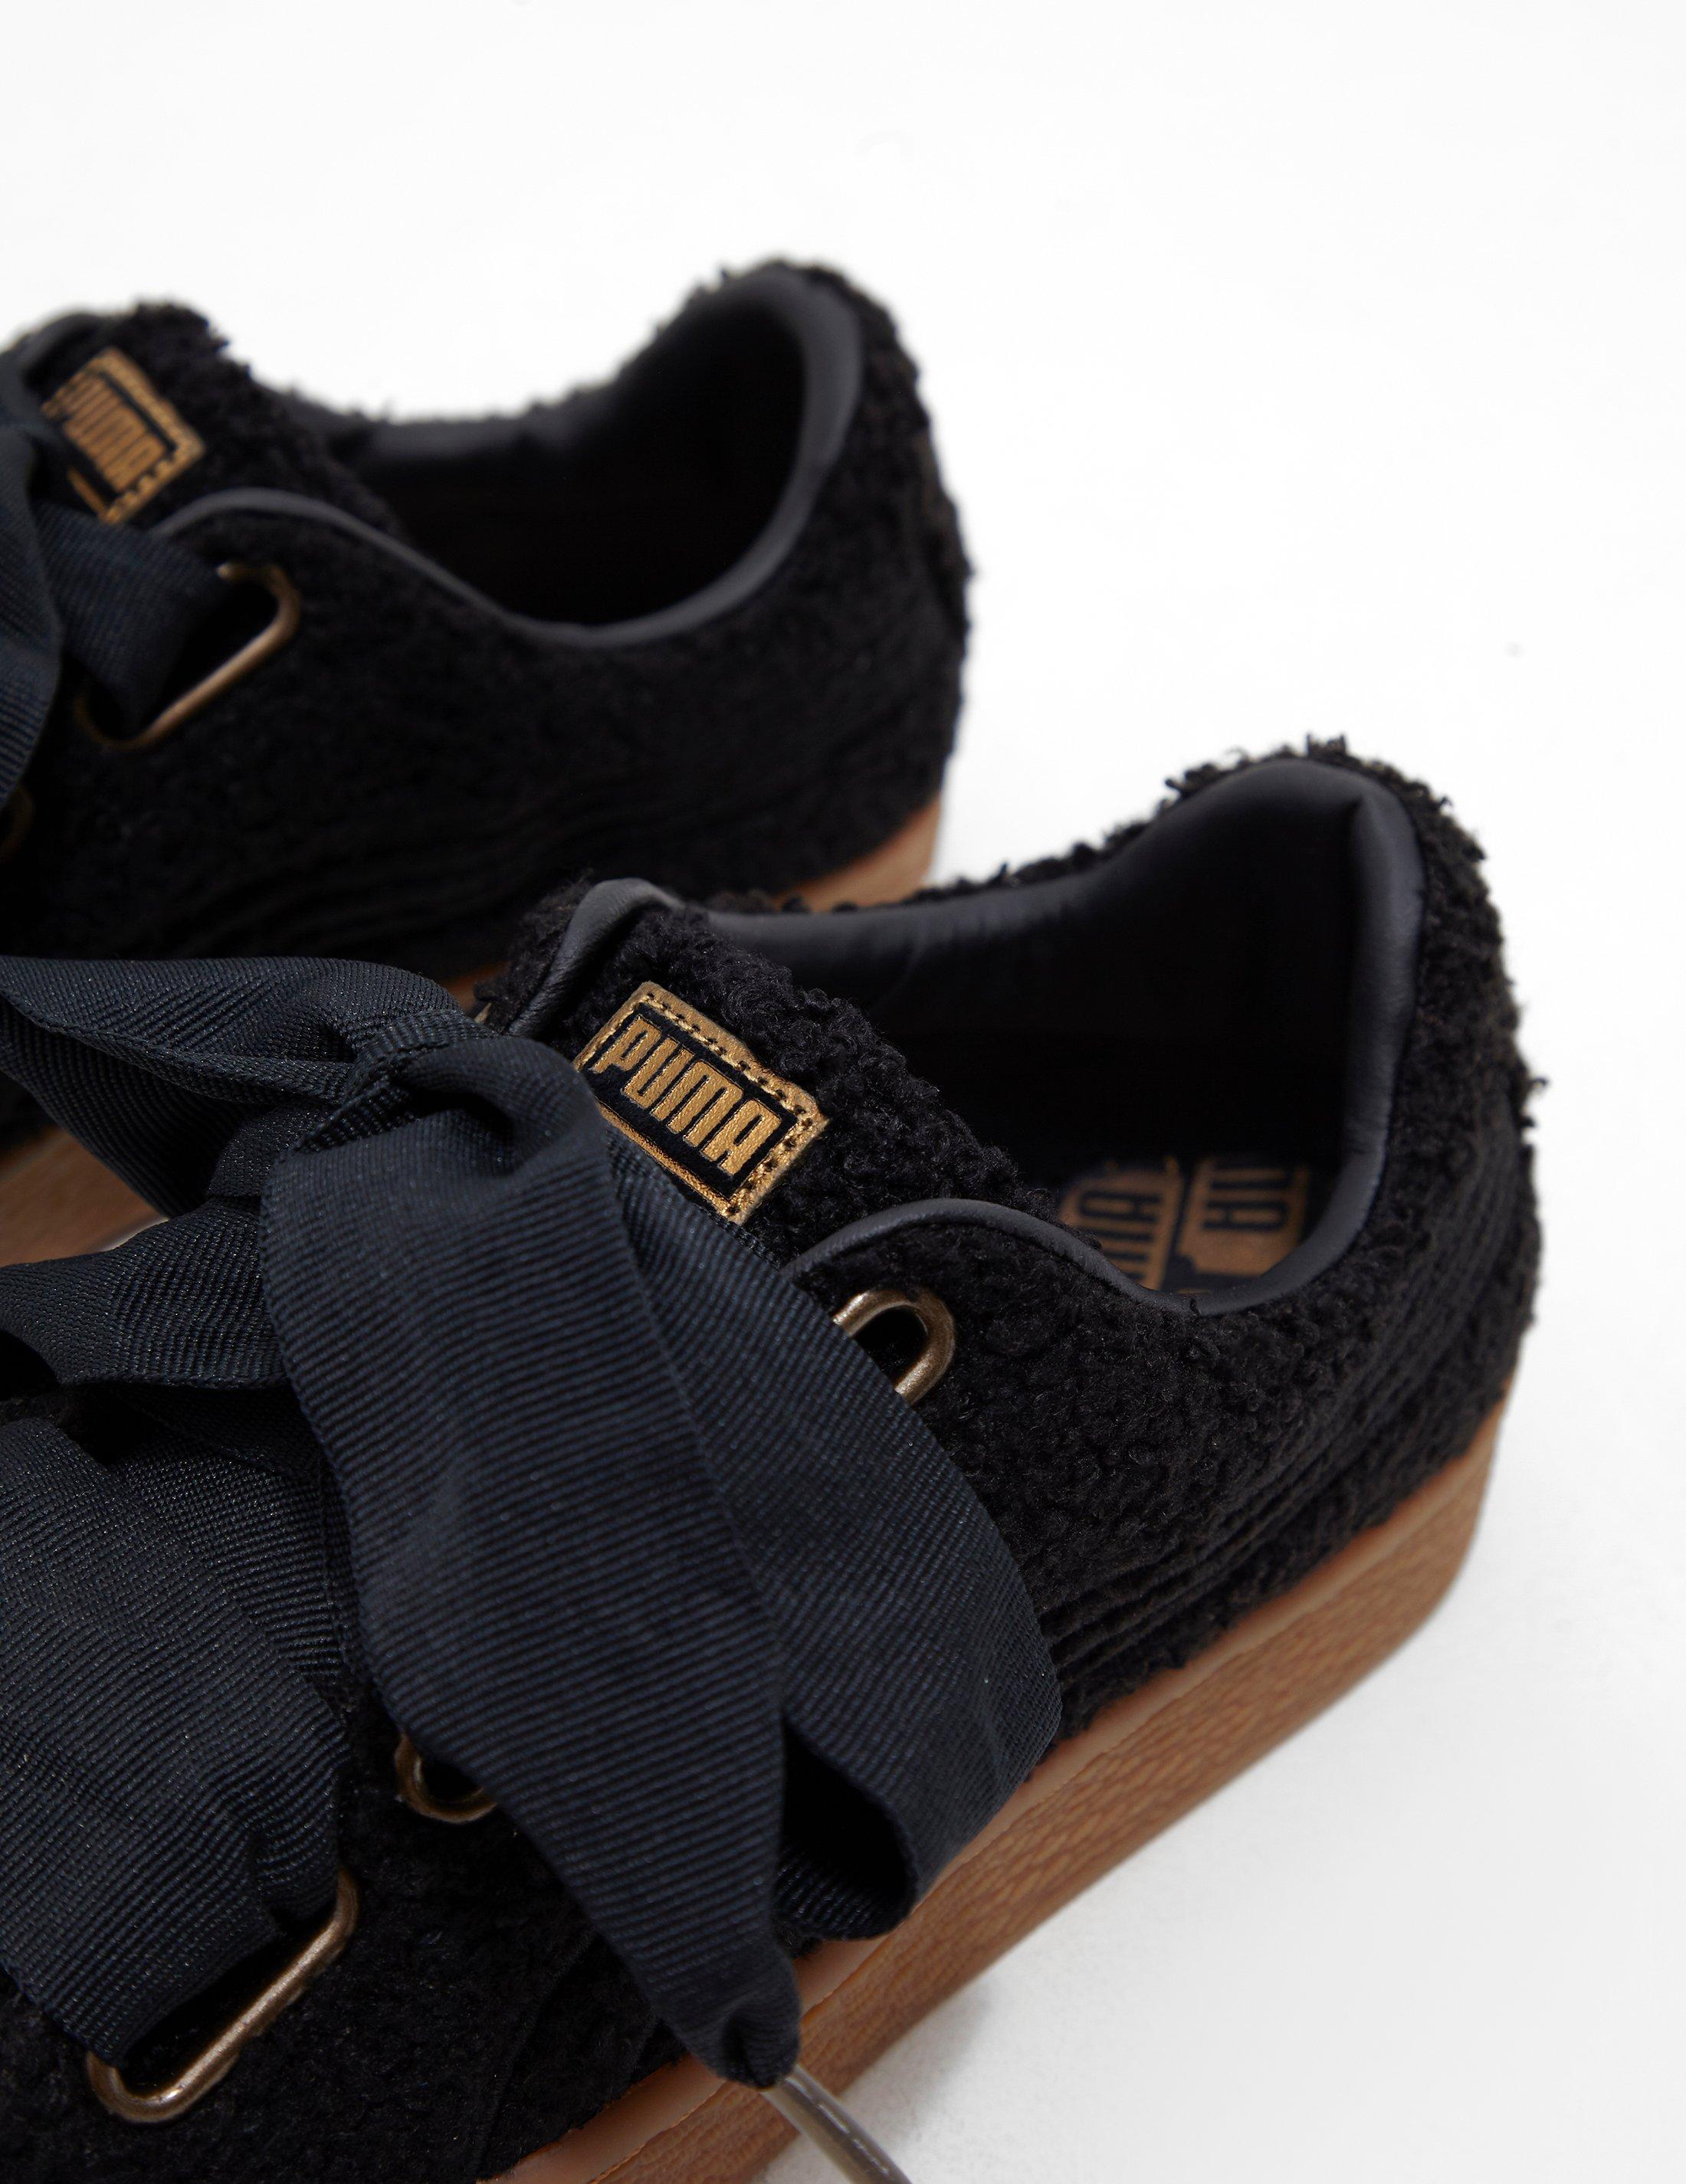 b27725e93551 PUMA Basket Heart Teddy  s Sneakers in Black - Lyst